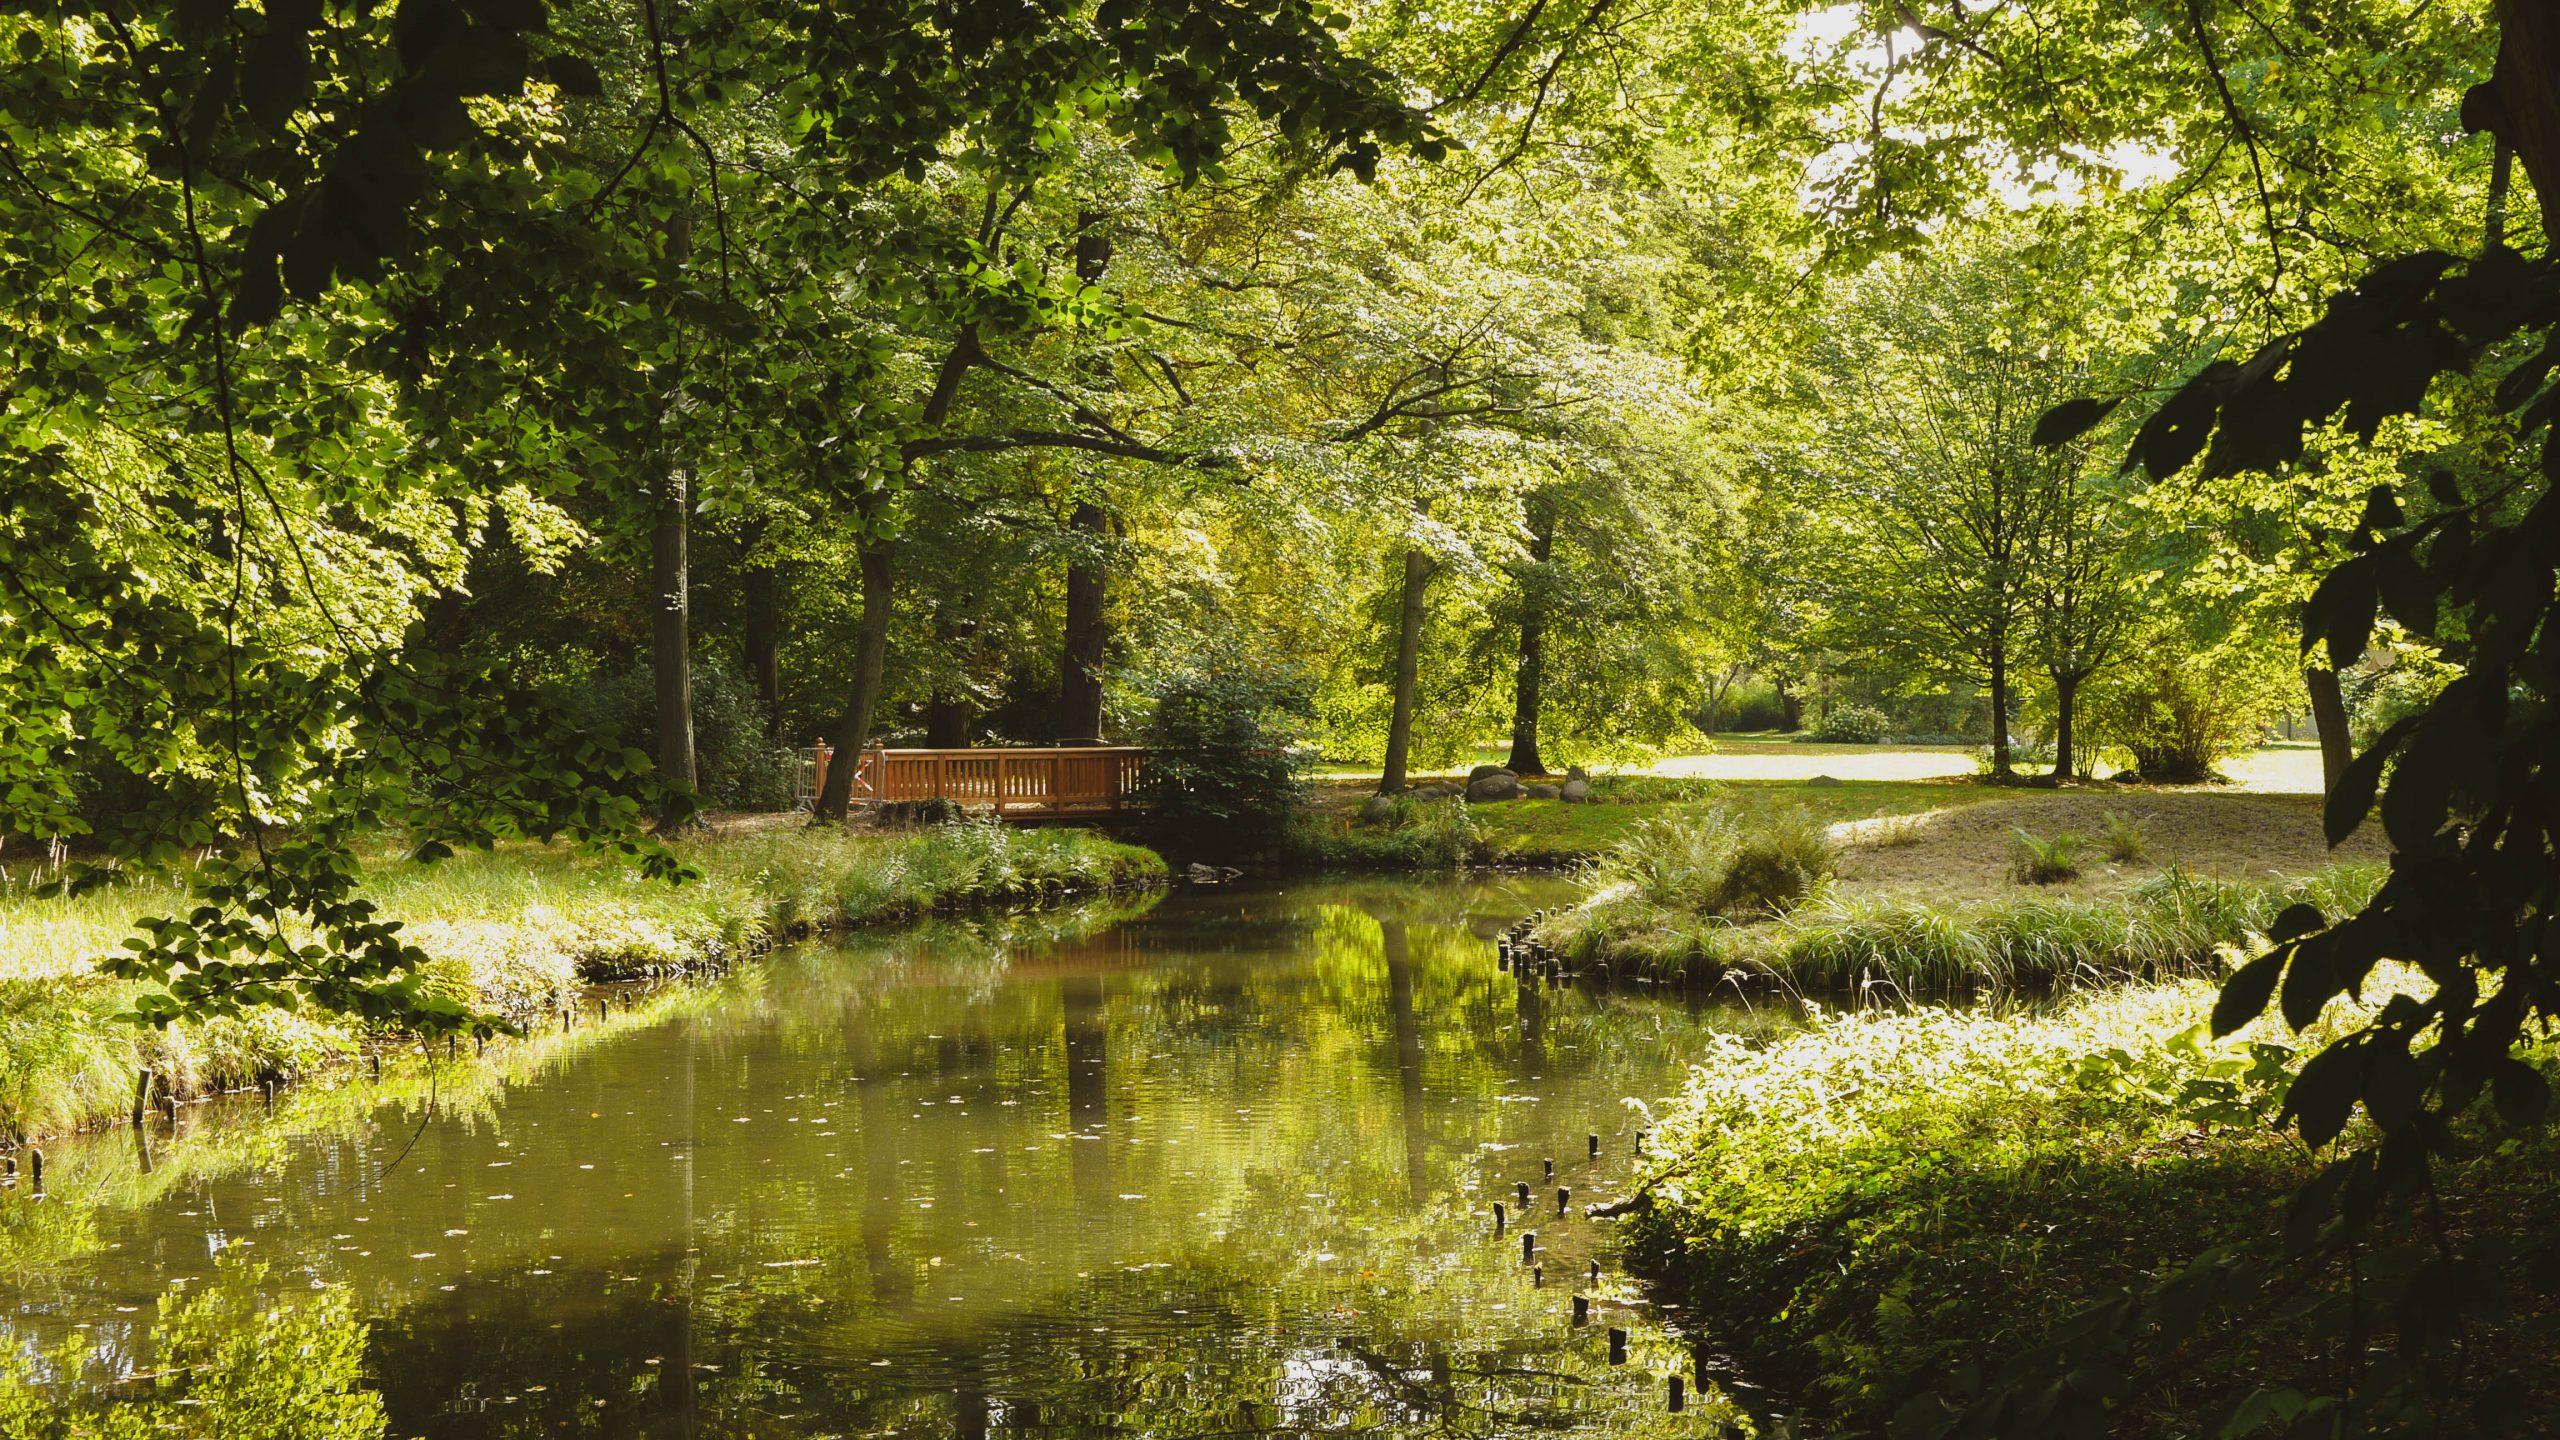 Park und Schloss Branitz: Perfektes Ziel für einen Ausflug